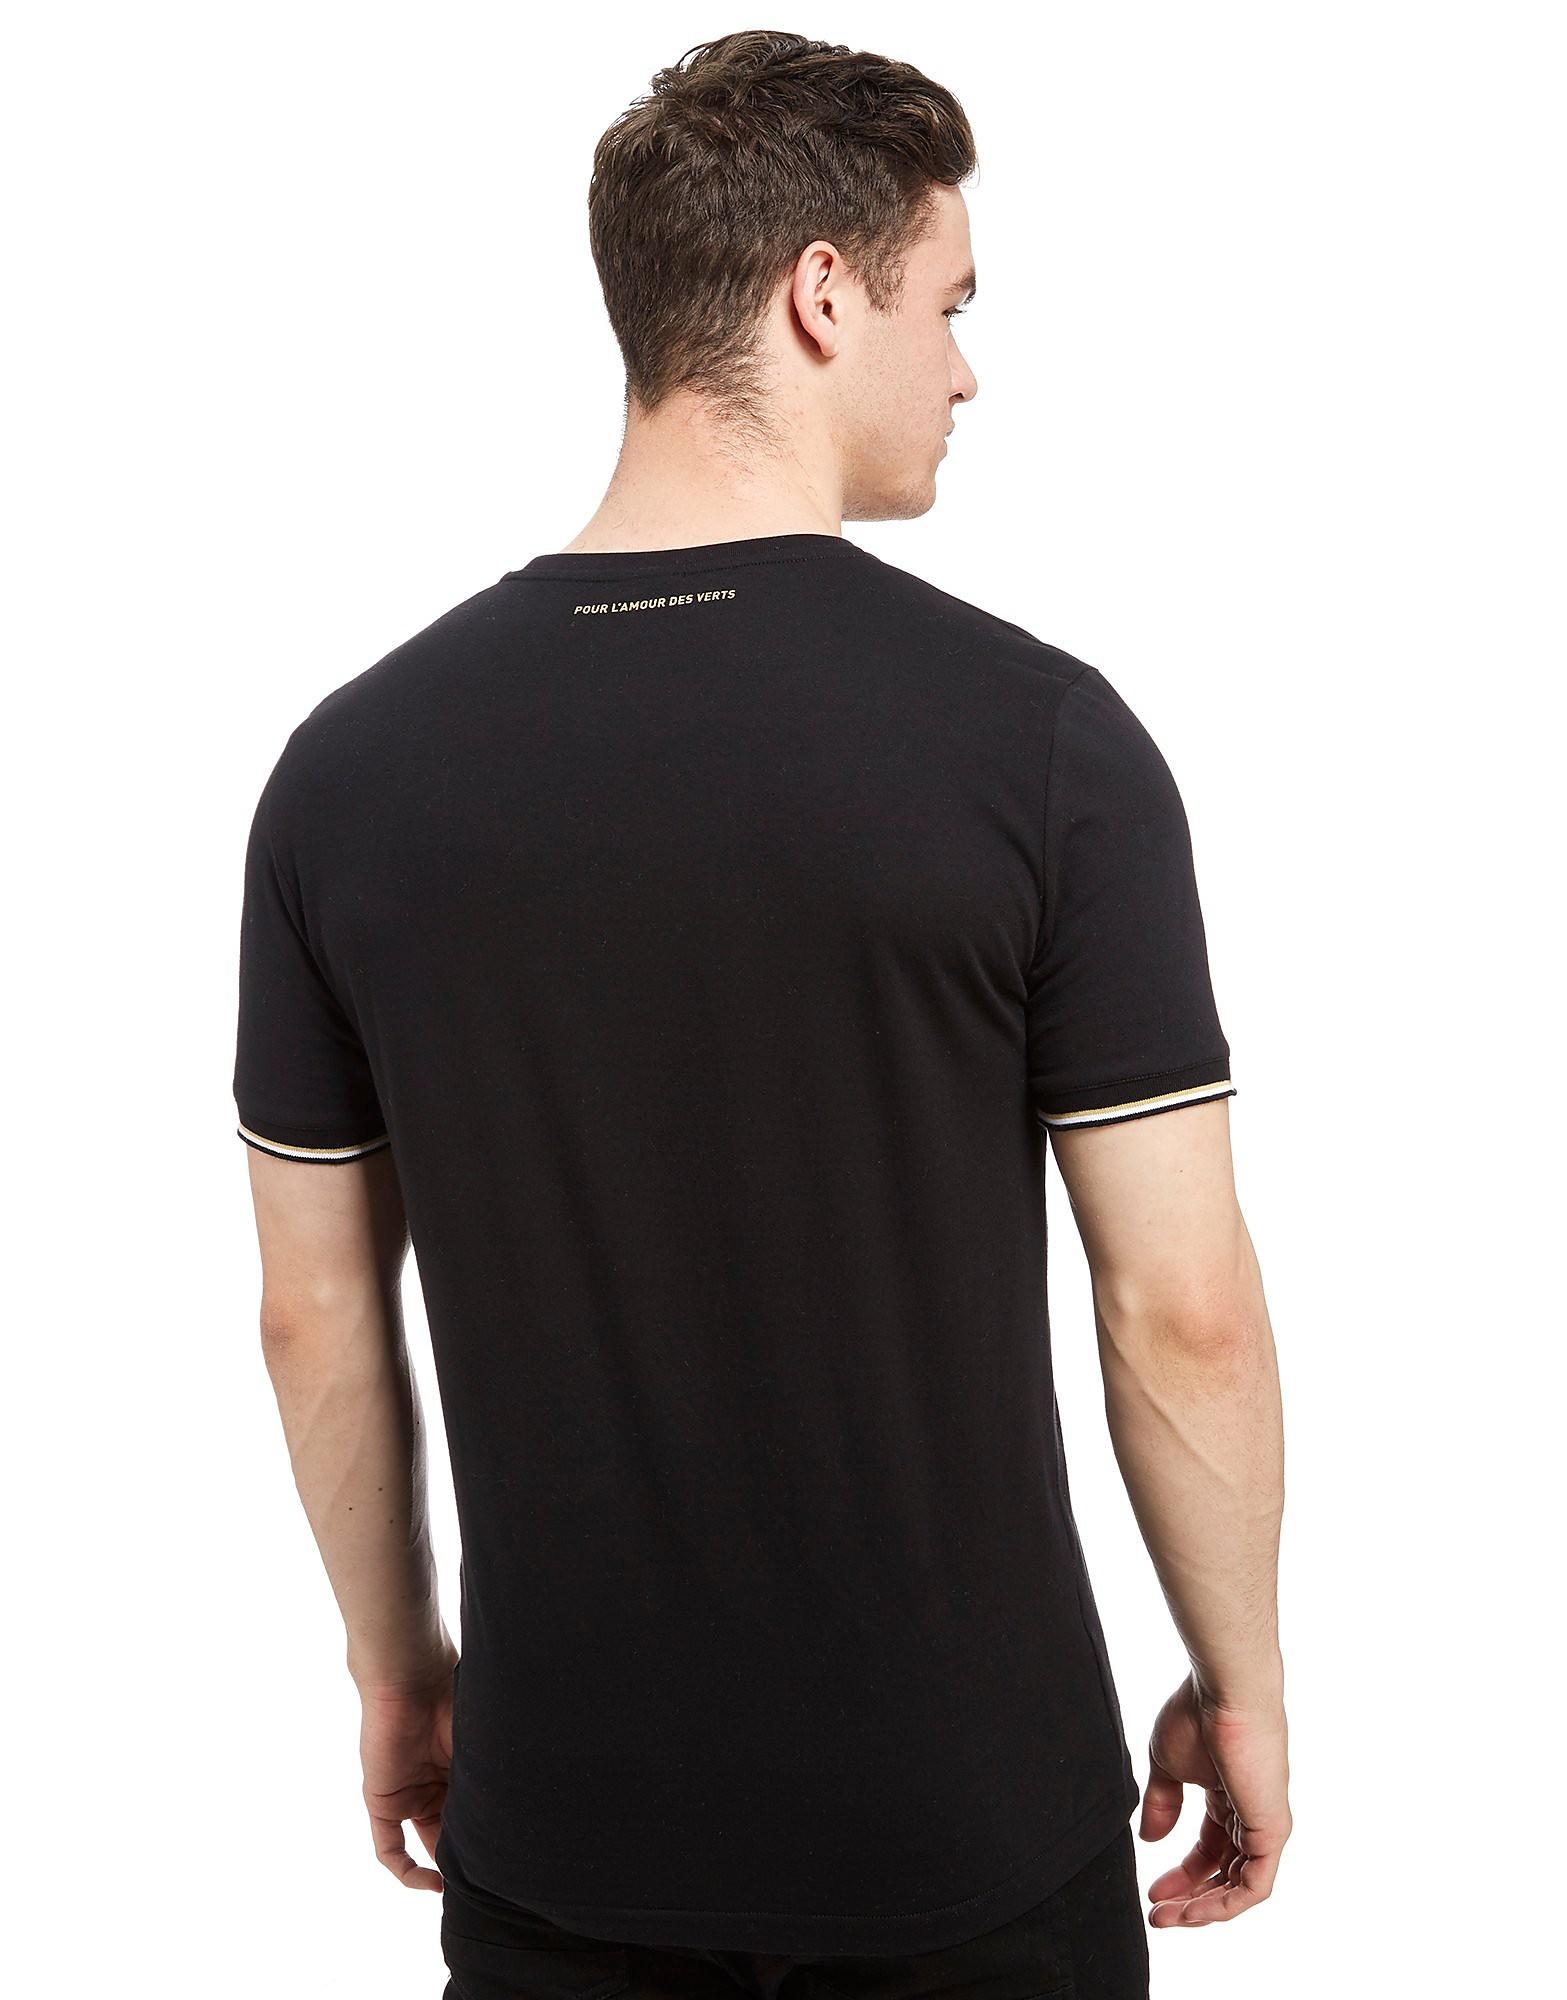 Le Coq Sportif AS Saint Etienne Crest T-Shirt